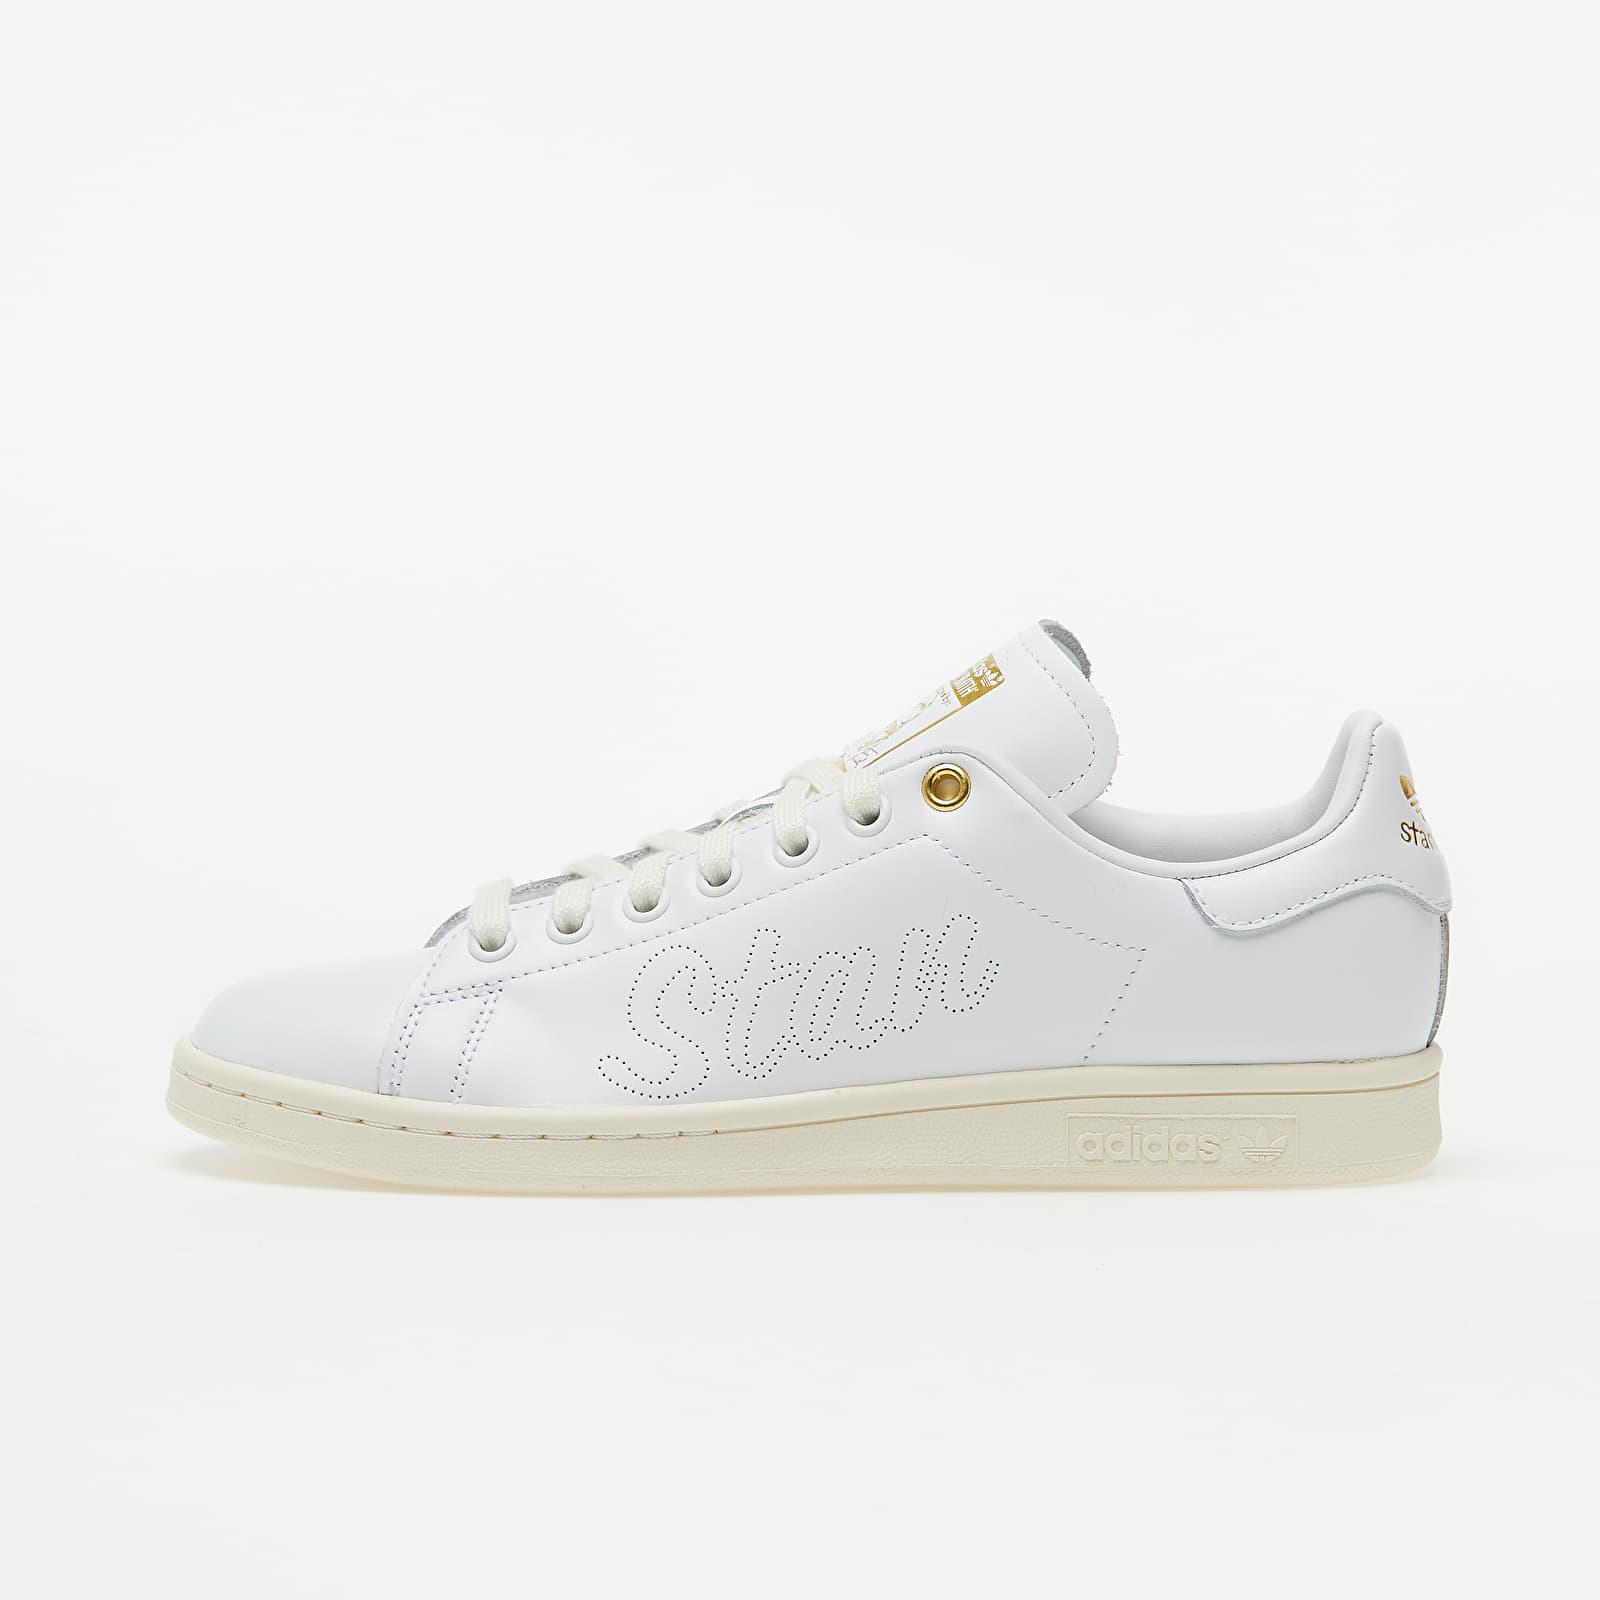 adidas Stan Smith W Off White/ Ftw White/ Gold Metalic EUR 39 1/3